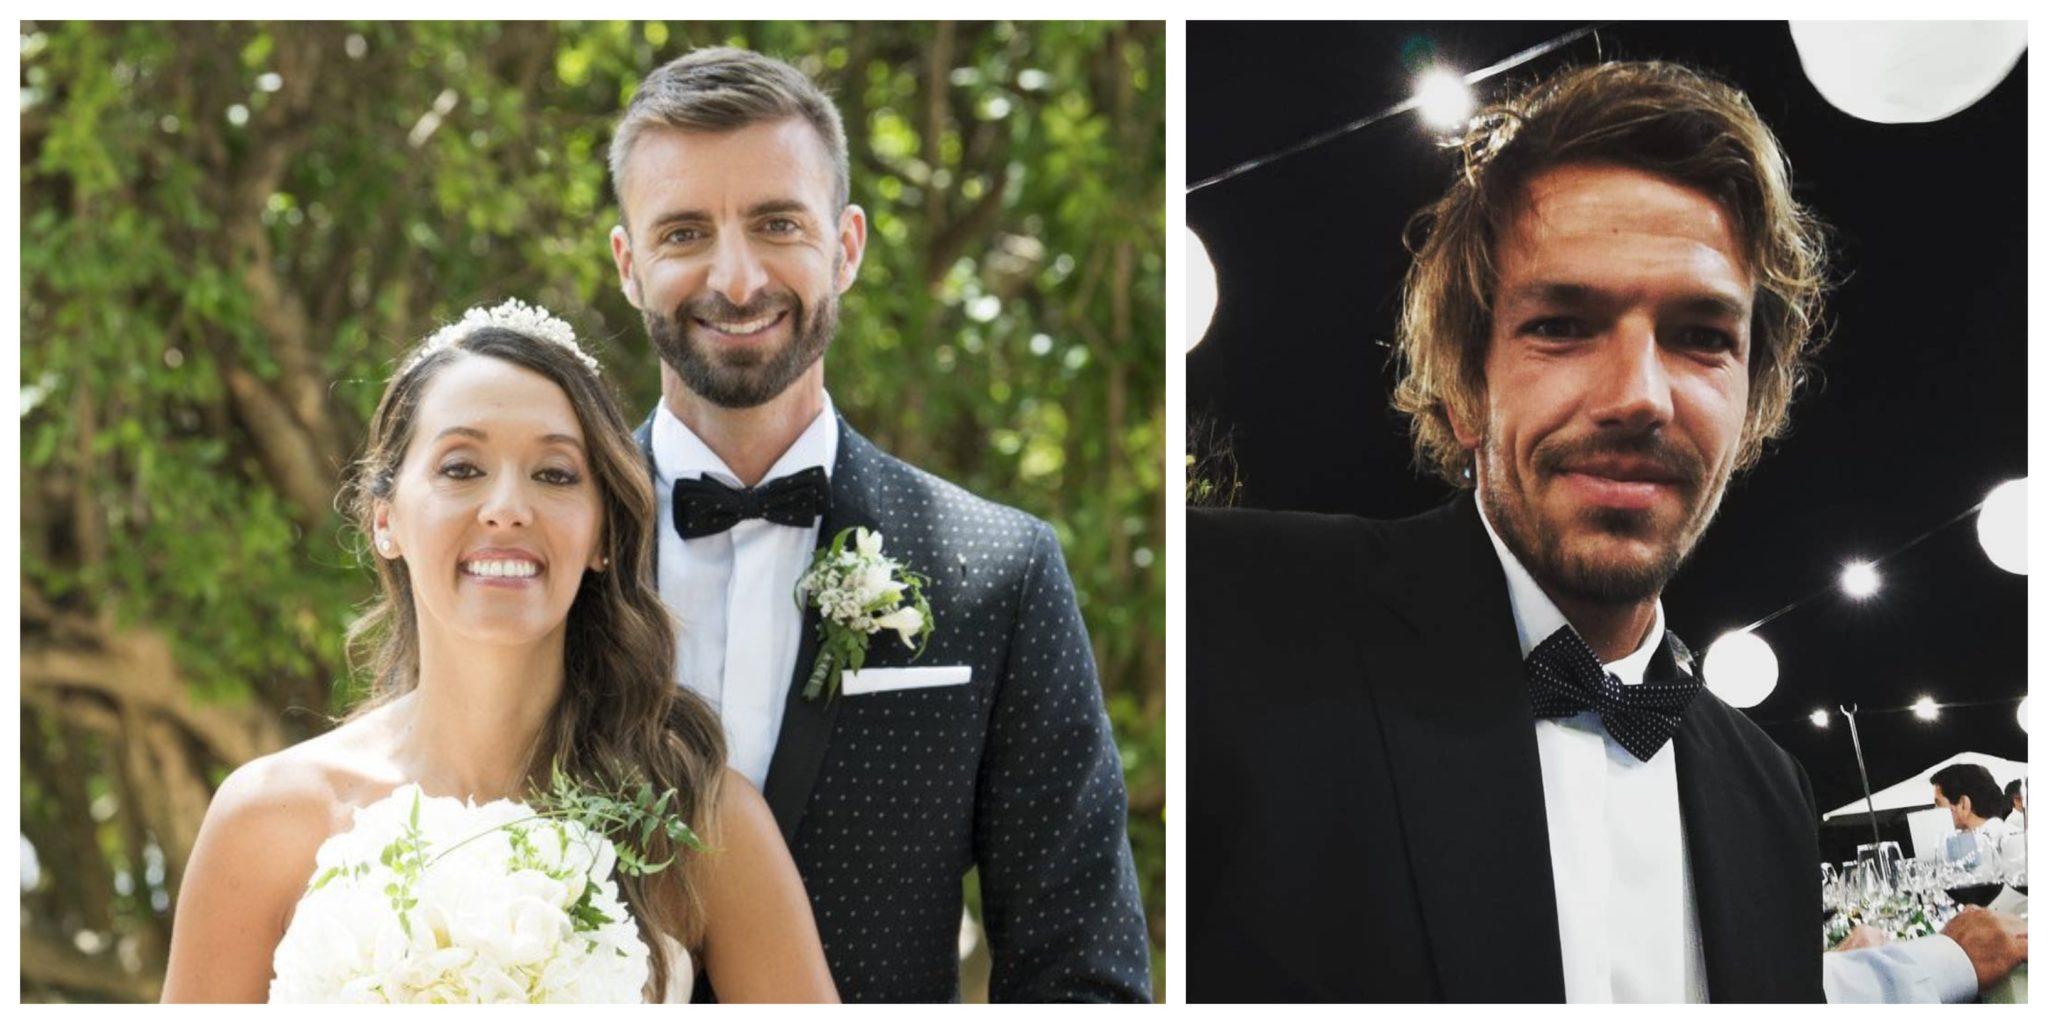 Marta Luis Dave Casados A Primeira Vista 2 'Casados À Primeira Vista'. O Que Tem Luís A Dizer Sobre Dave E Marta?